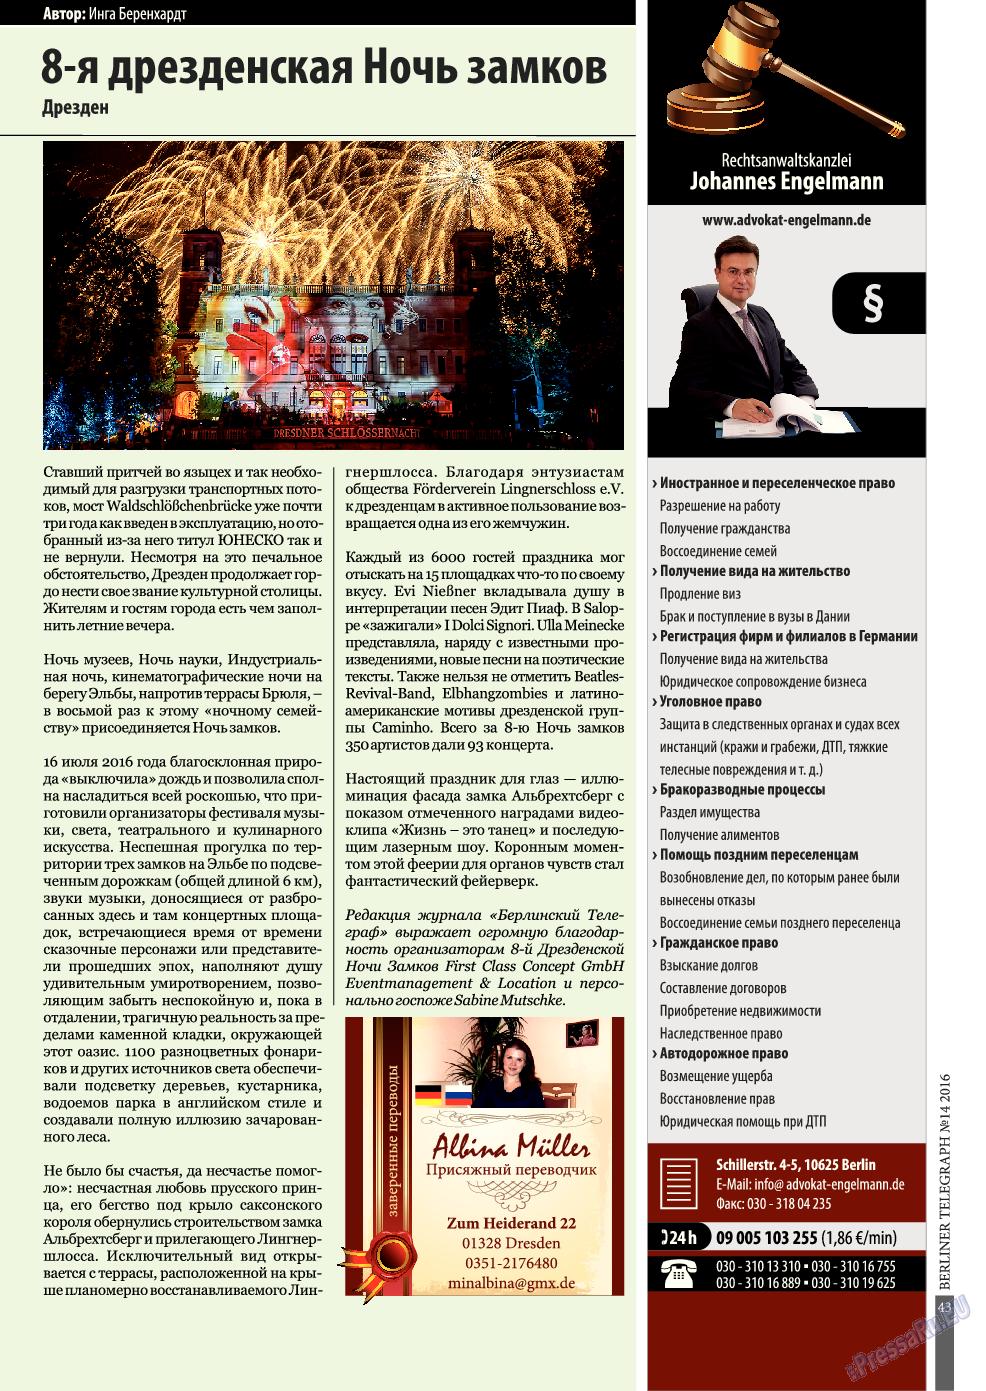 Берлинский телеграф (журнал). 2016 год, номер 14, стр. 43